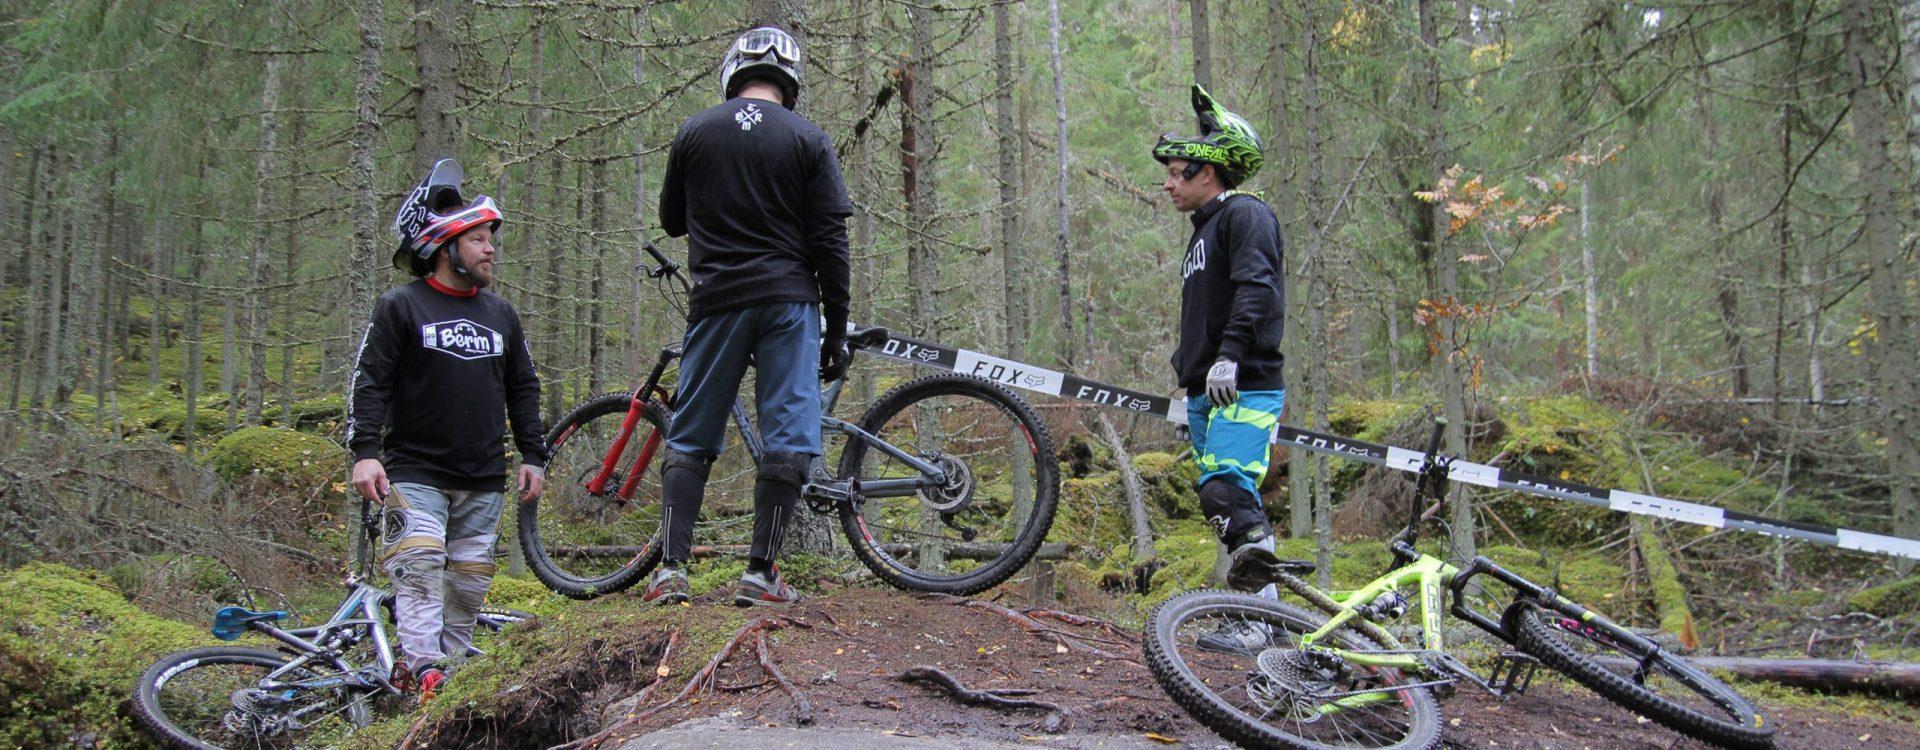 Laadukkaat maastopyöräilyvaatteet painatuksilla | Berm.fi